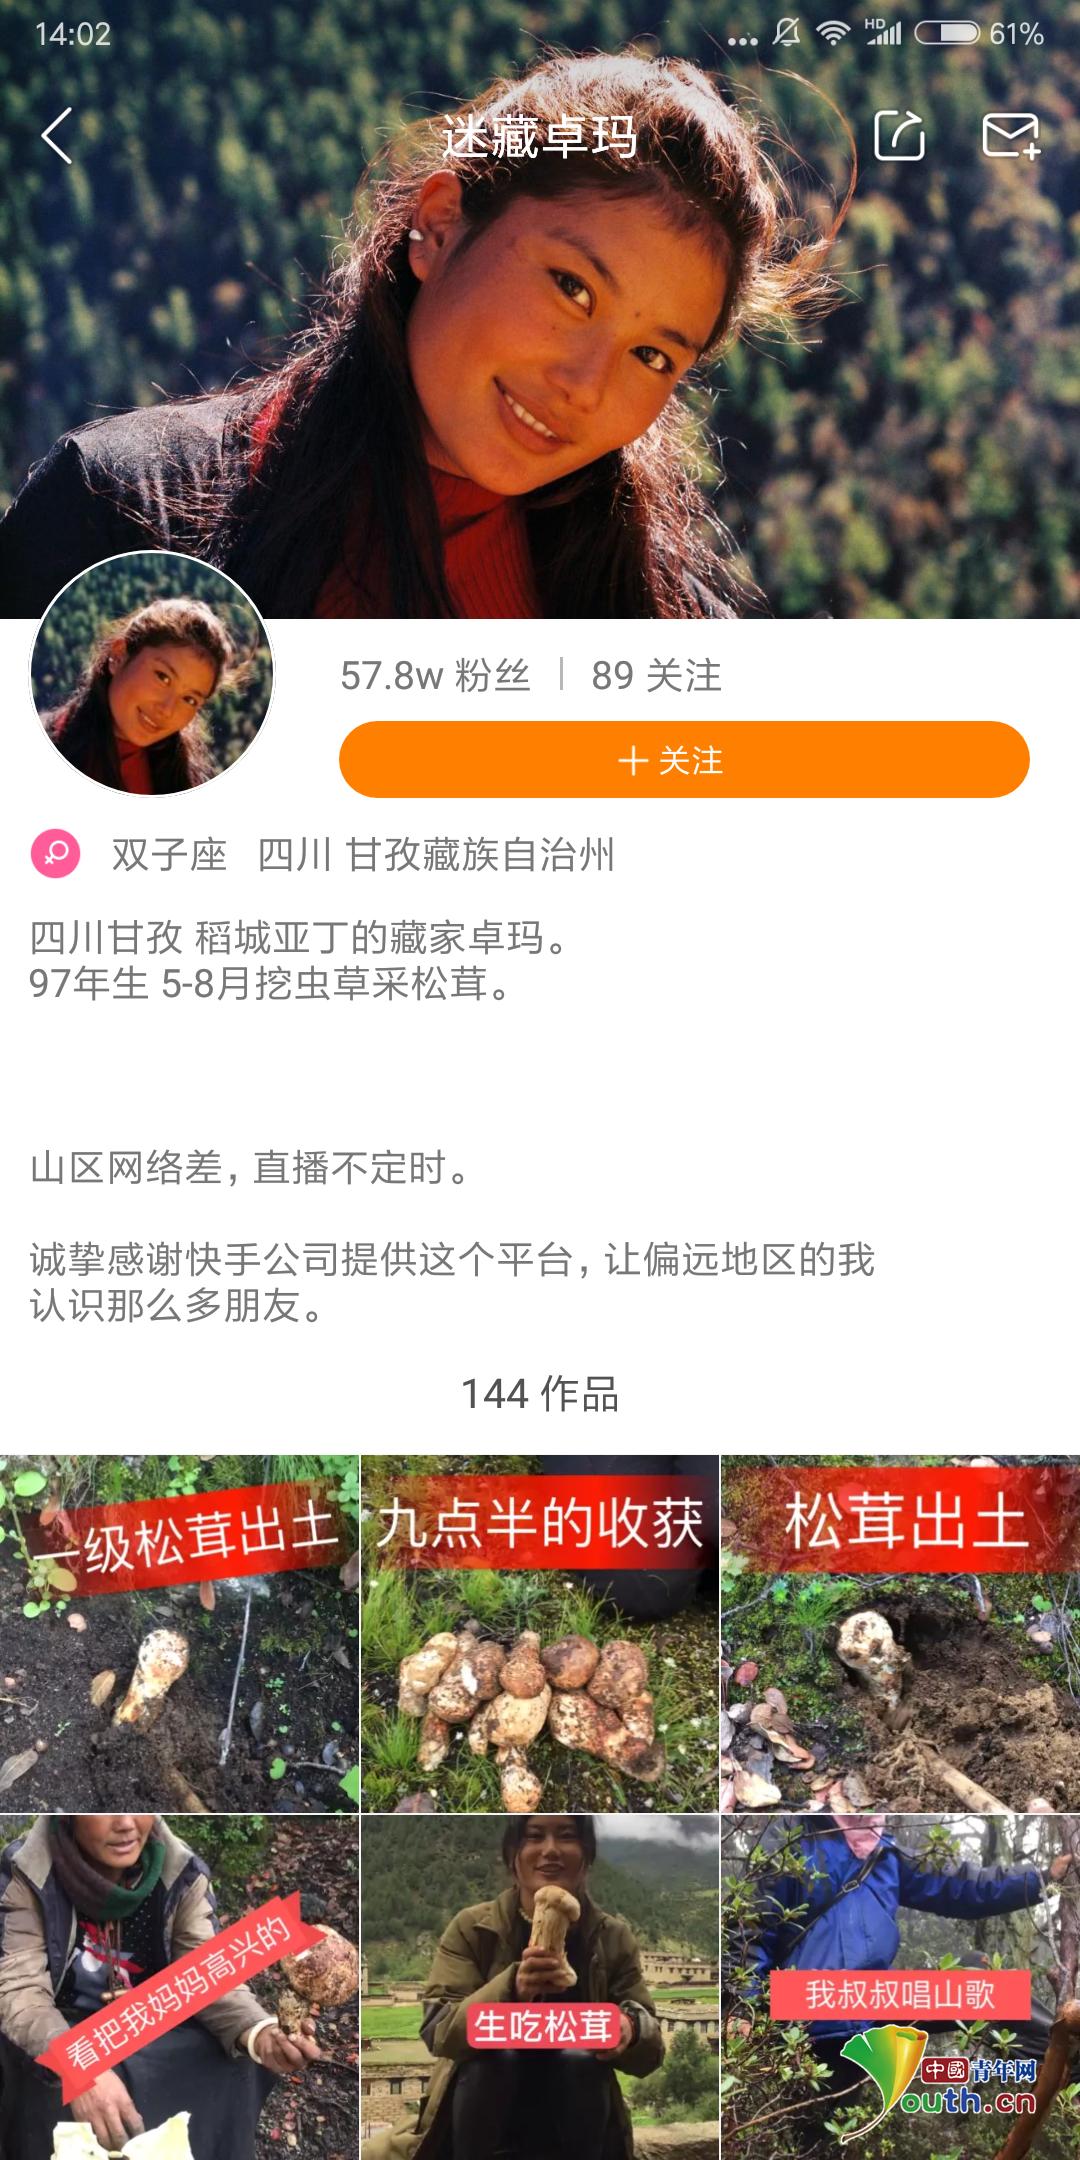 95后藏族家乡运势带火女生快手姑娘爱情白羊座特产2015图片